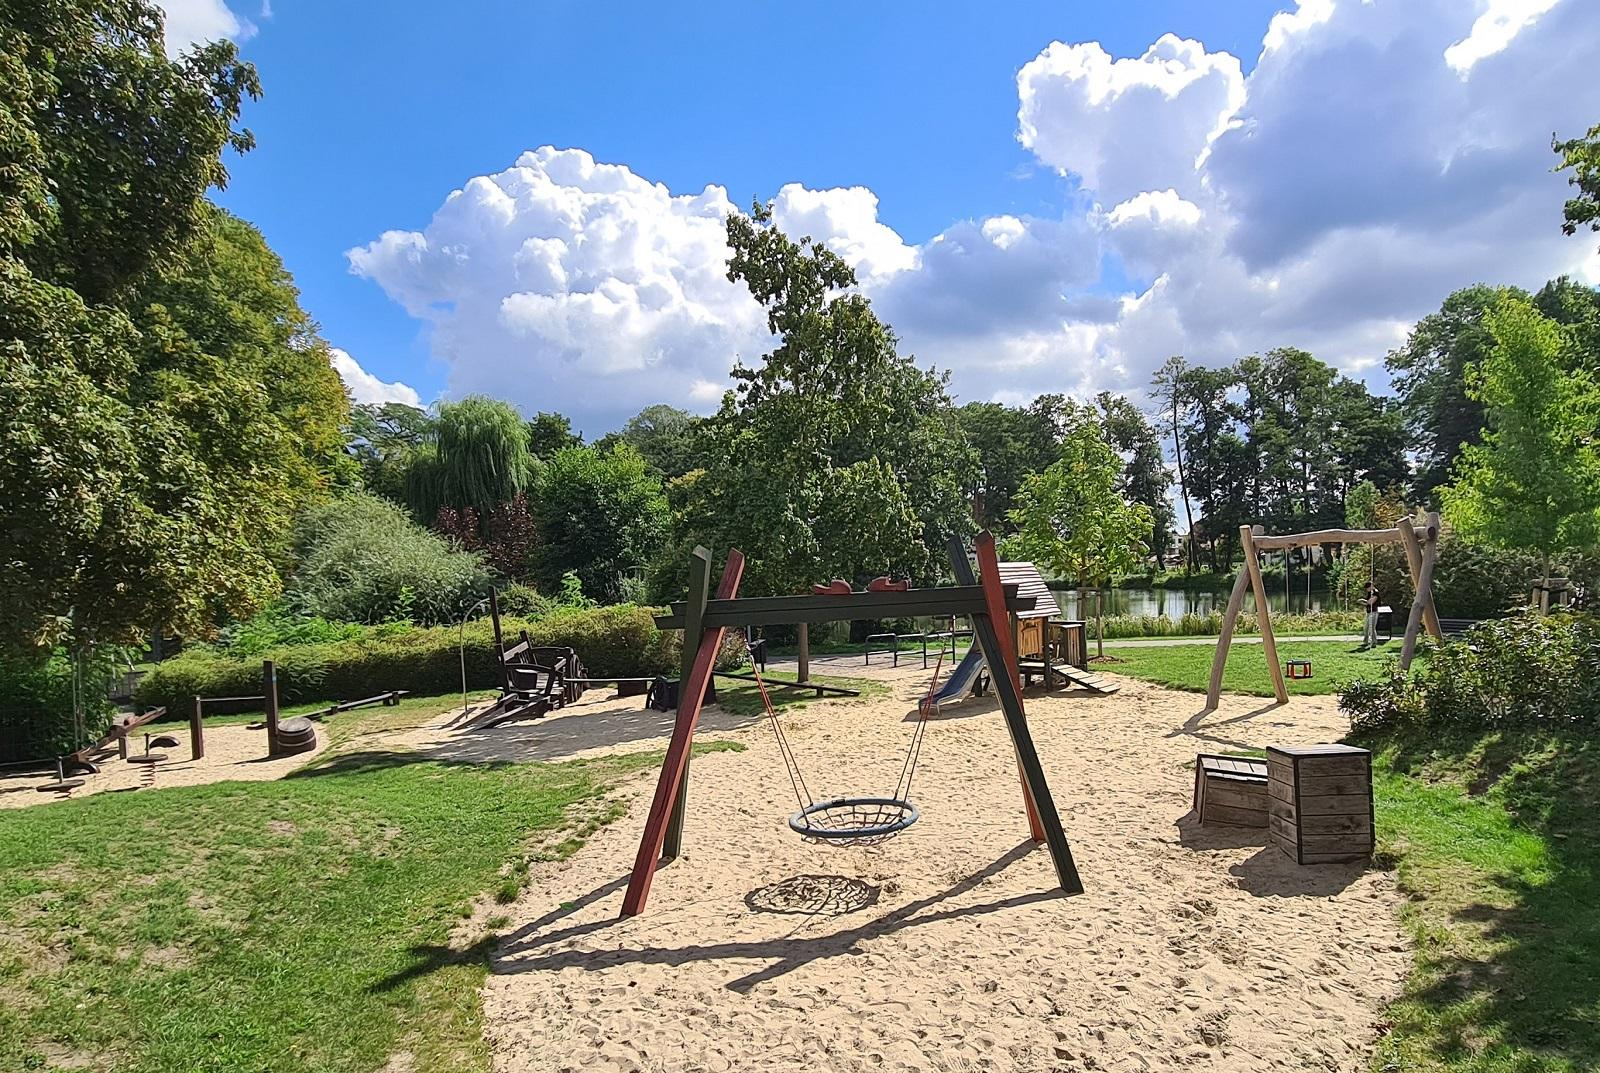 Spielpark Treuenbrietzen 8 (Foto: Stadtverwaltung Treuenbrietzen)